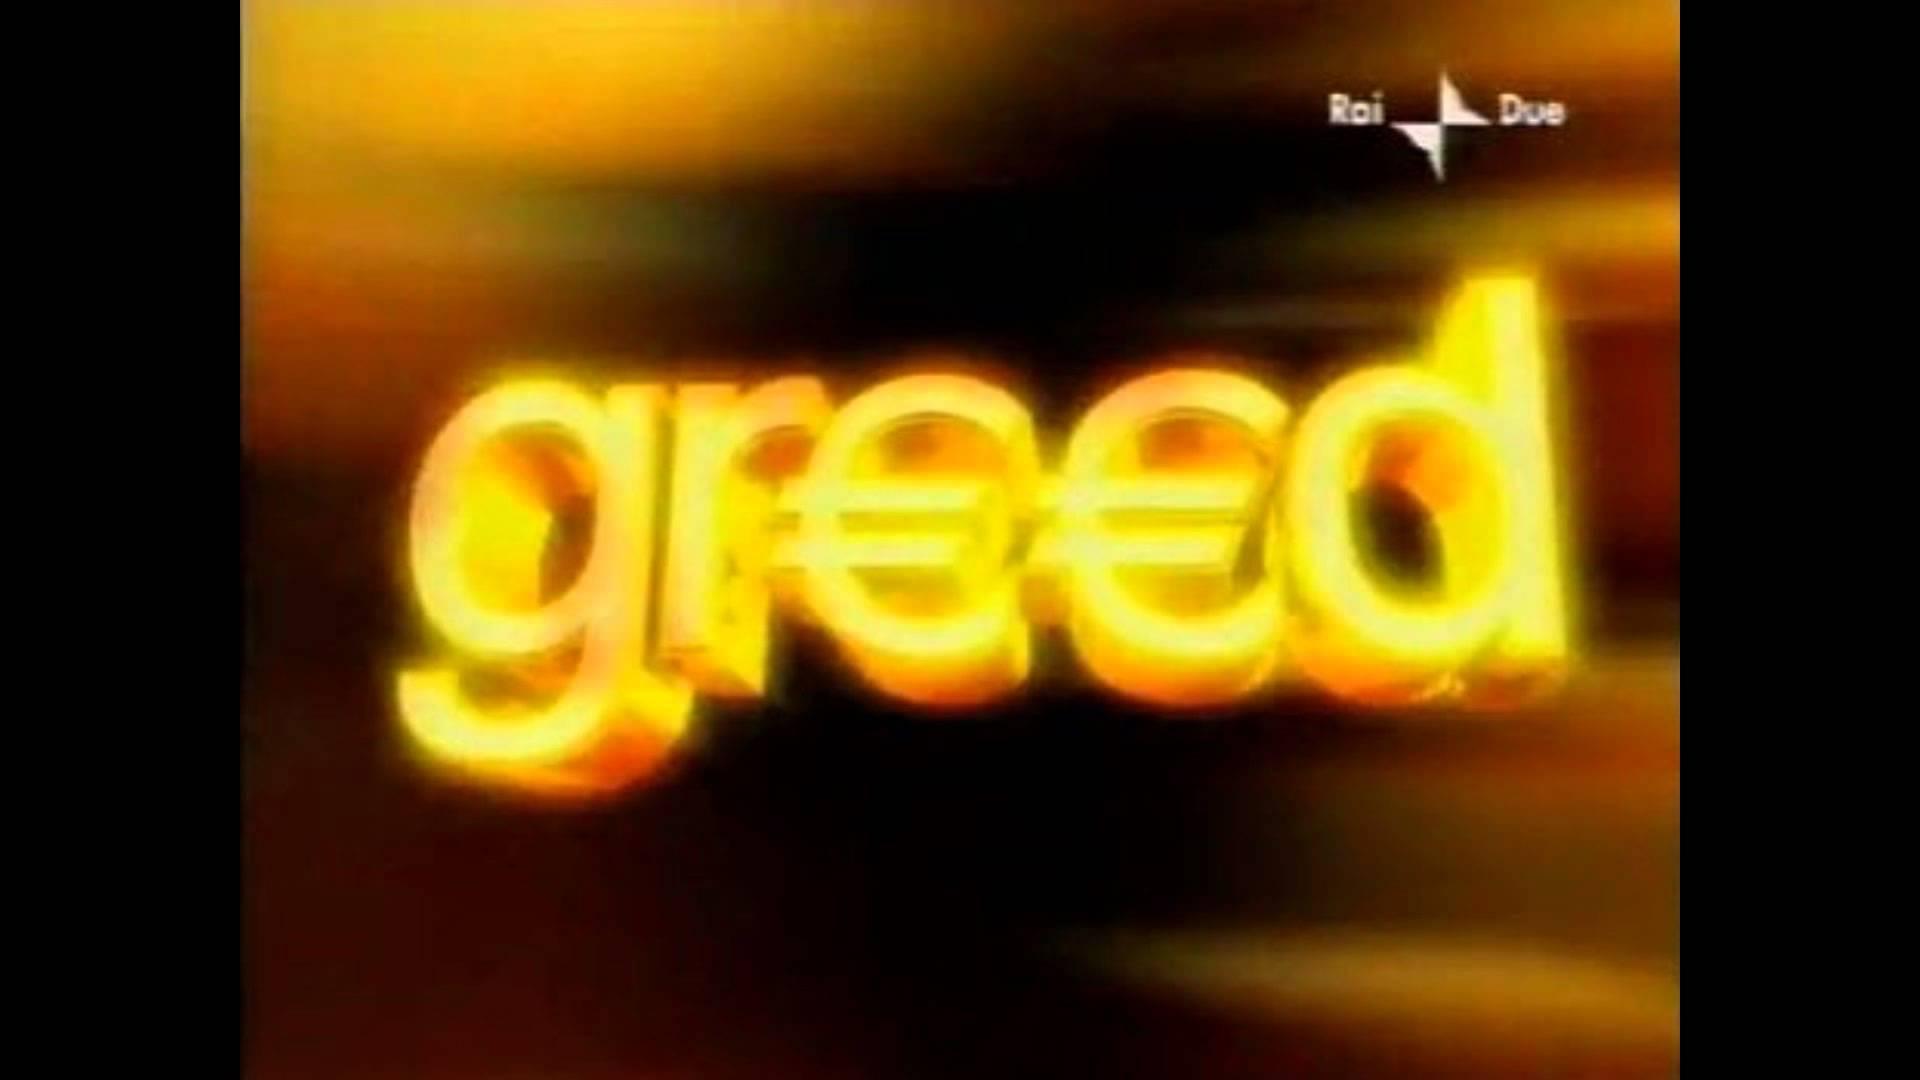 Greed (Italy)